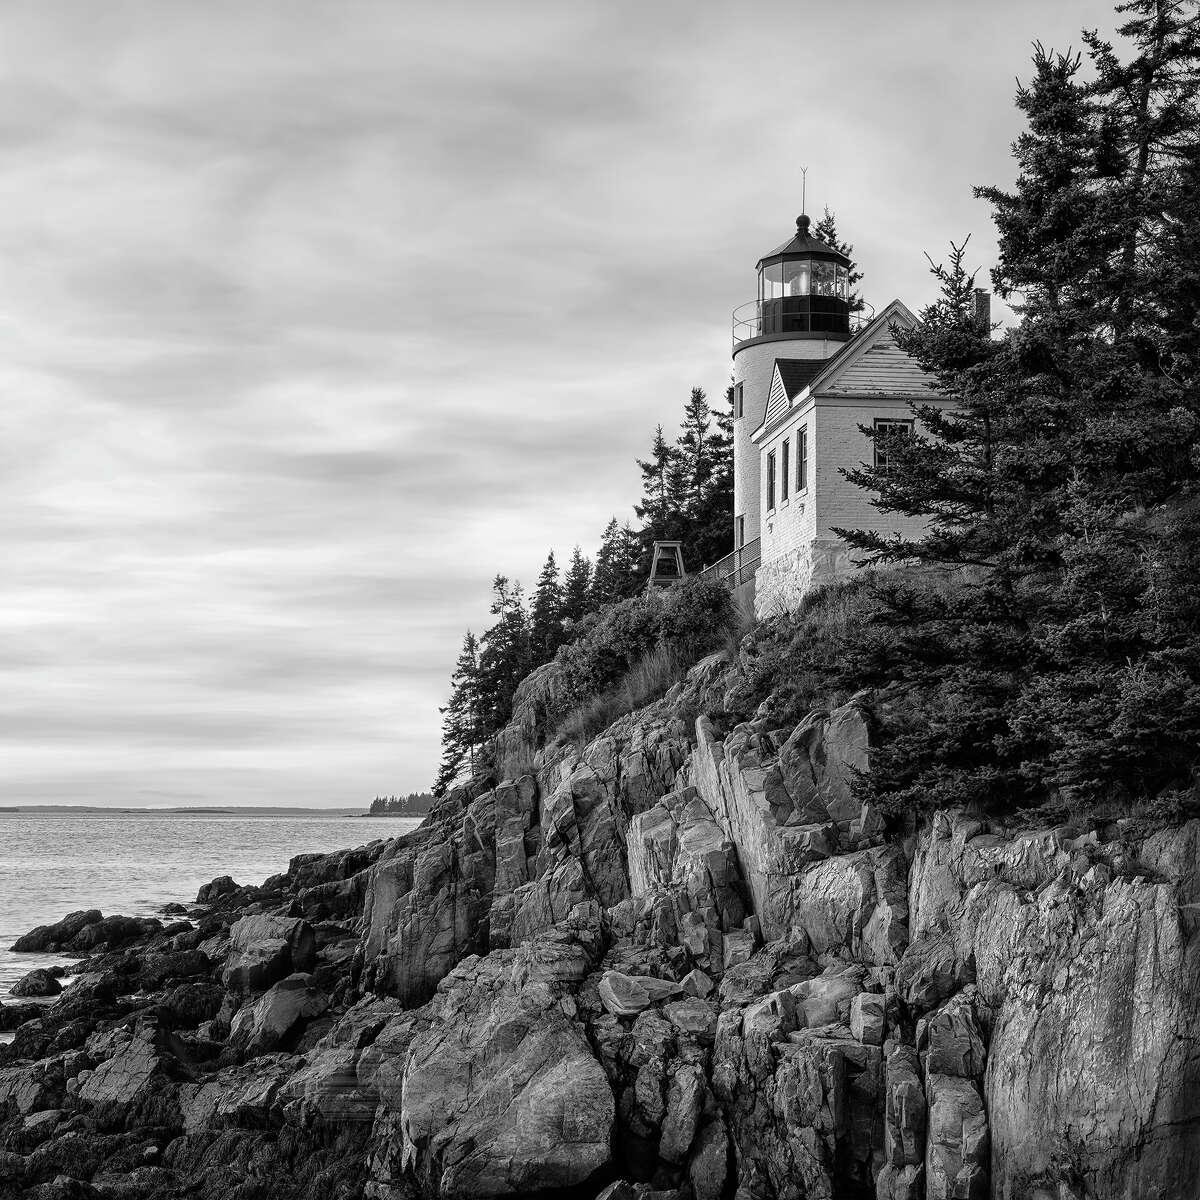 Bass Harbor lighthouse, Acadia National Park, Maine.